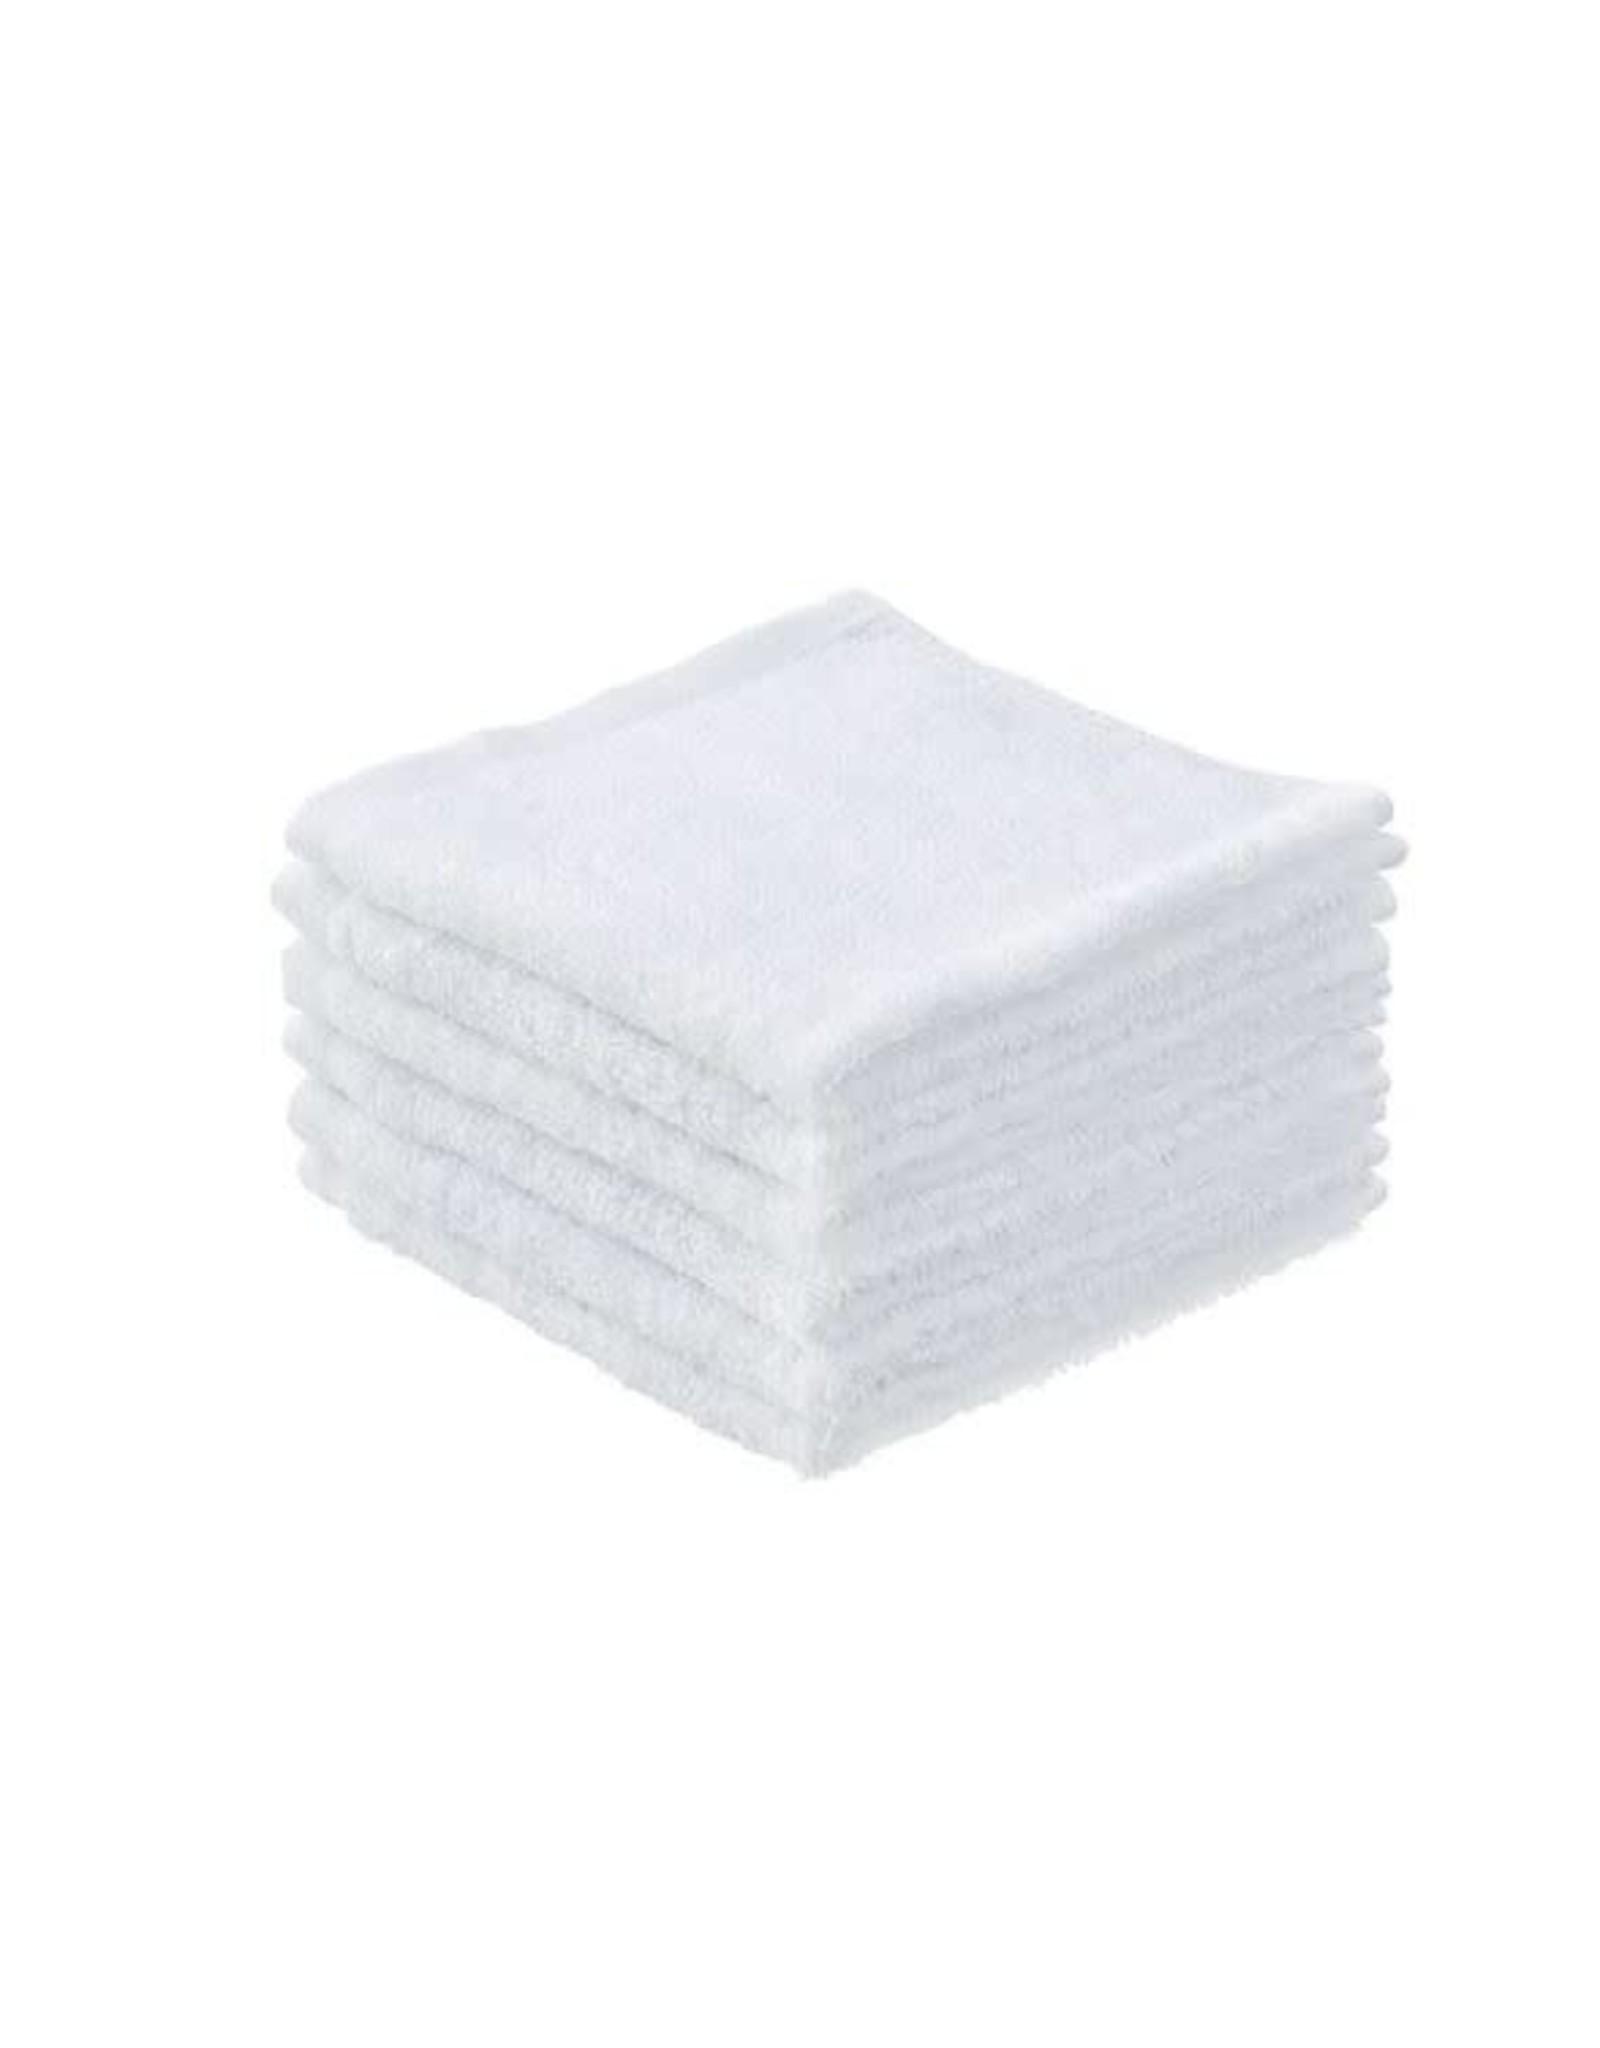 6 pck White Cotton Cloths